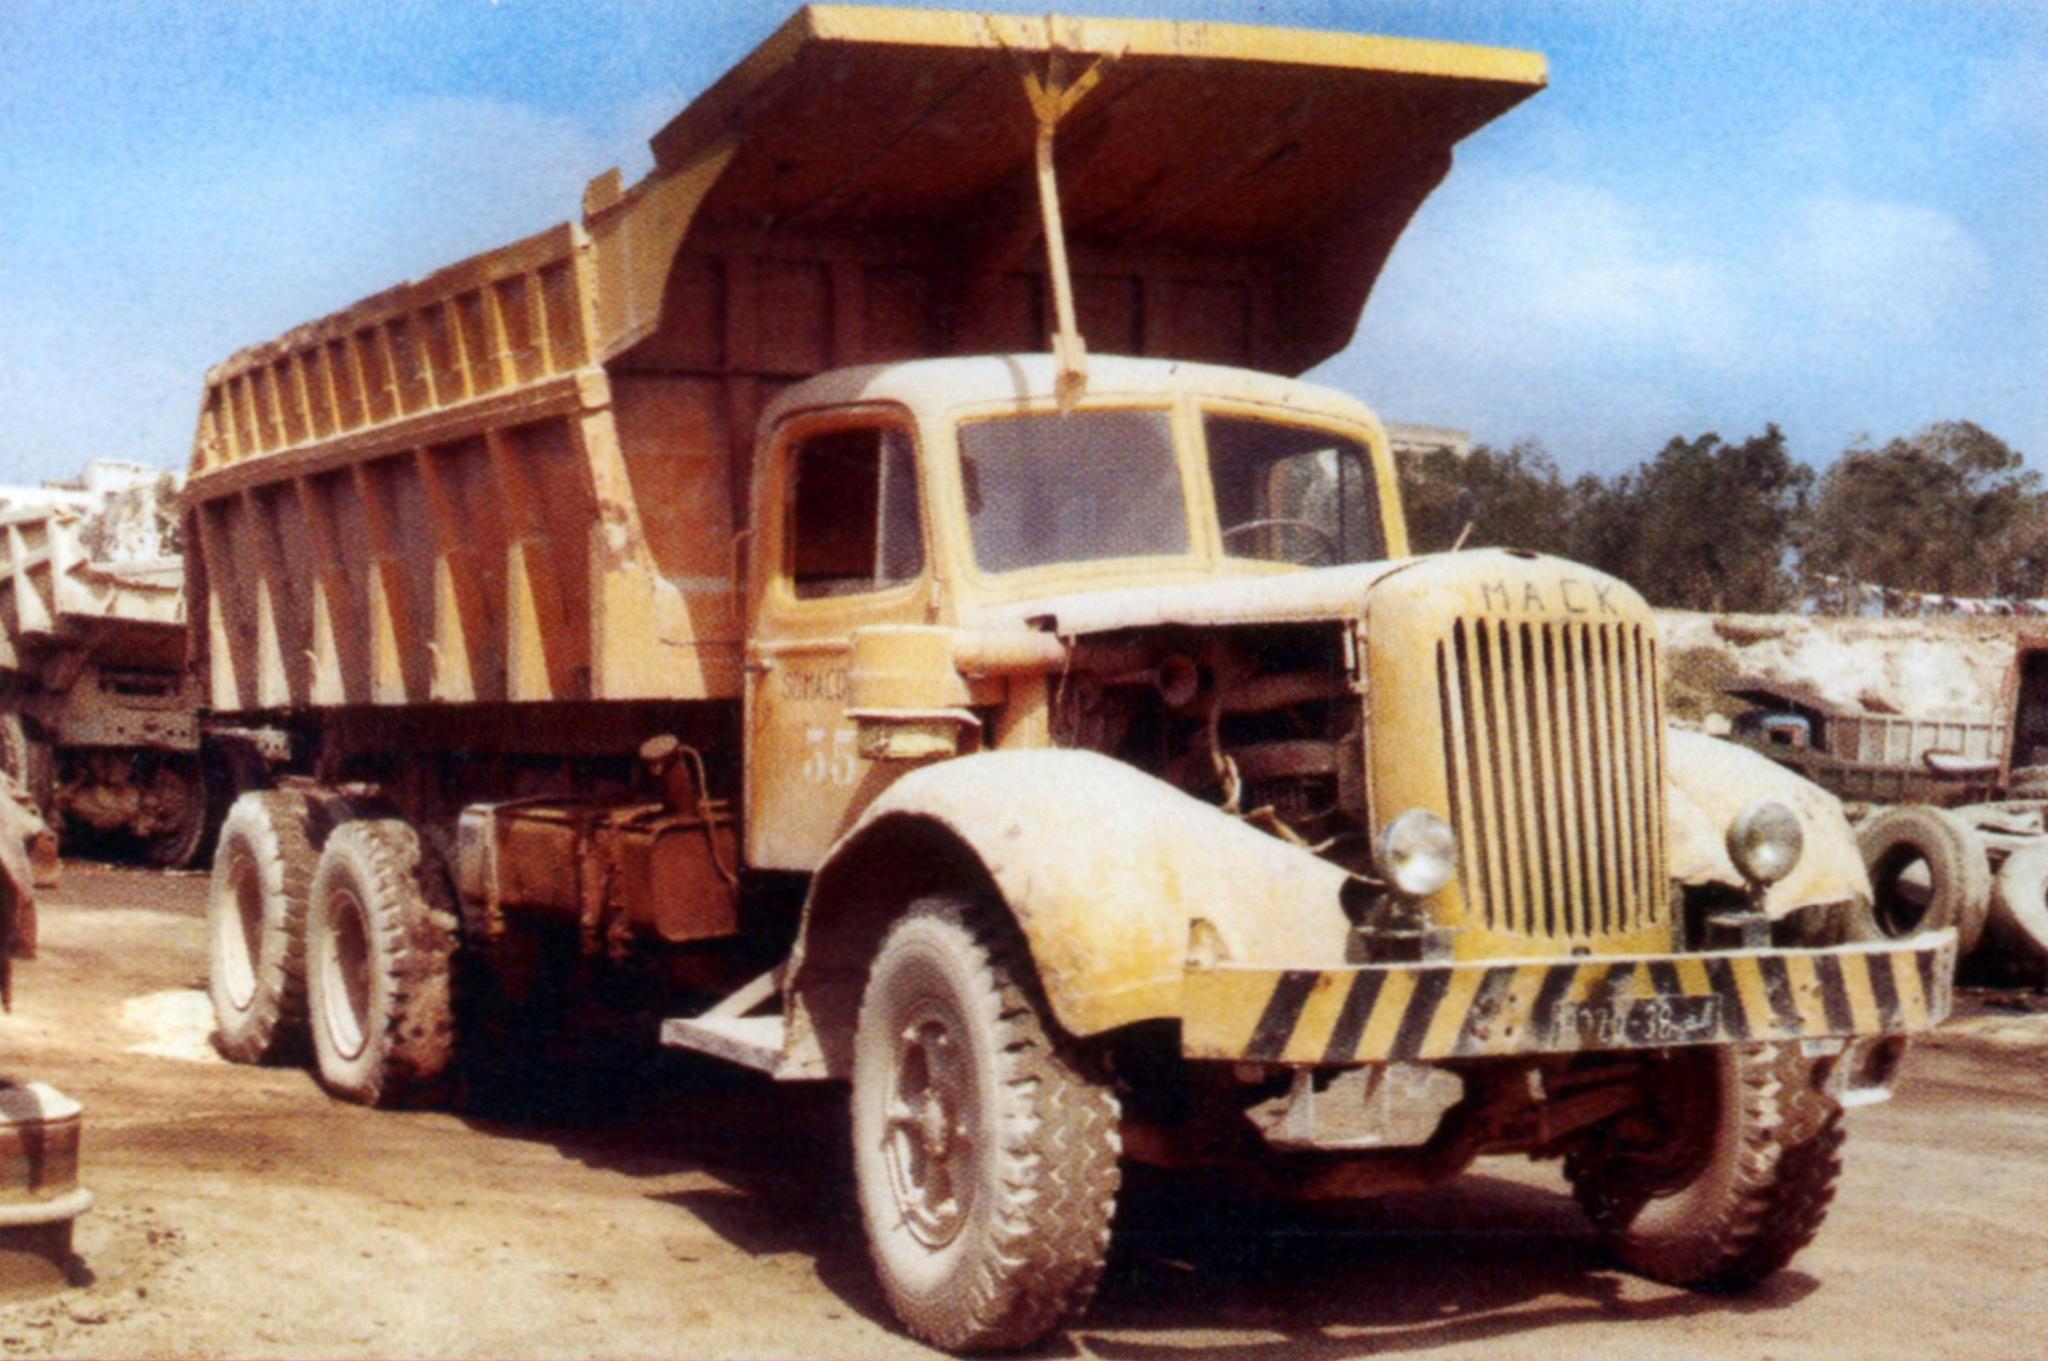 Transport Routier au Maroc - Histoire - Page 2 49879954418_8d6f2144a0_o_d